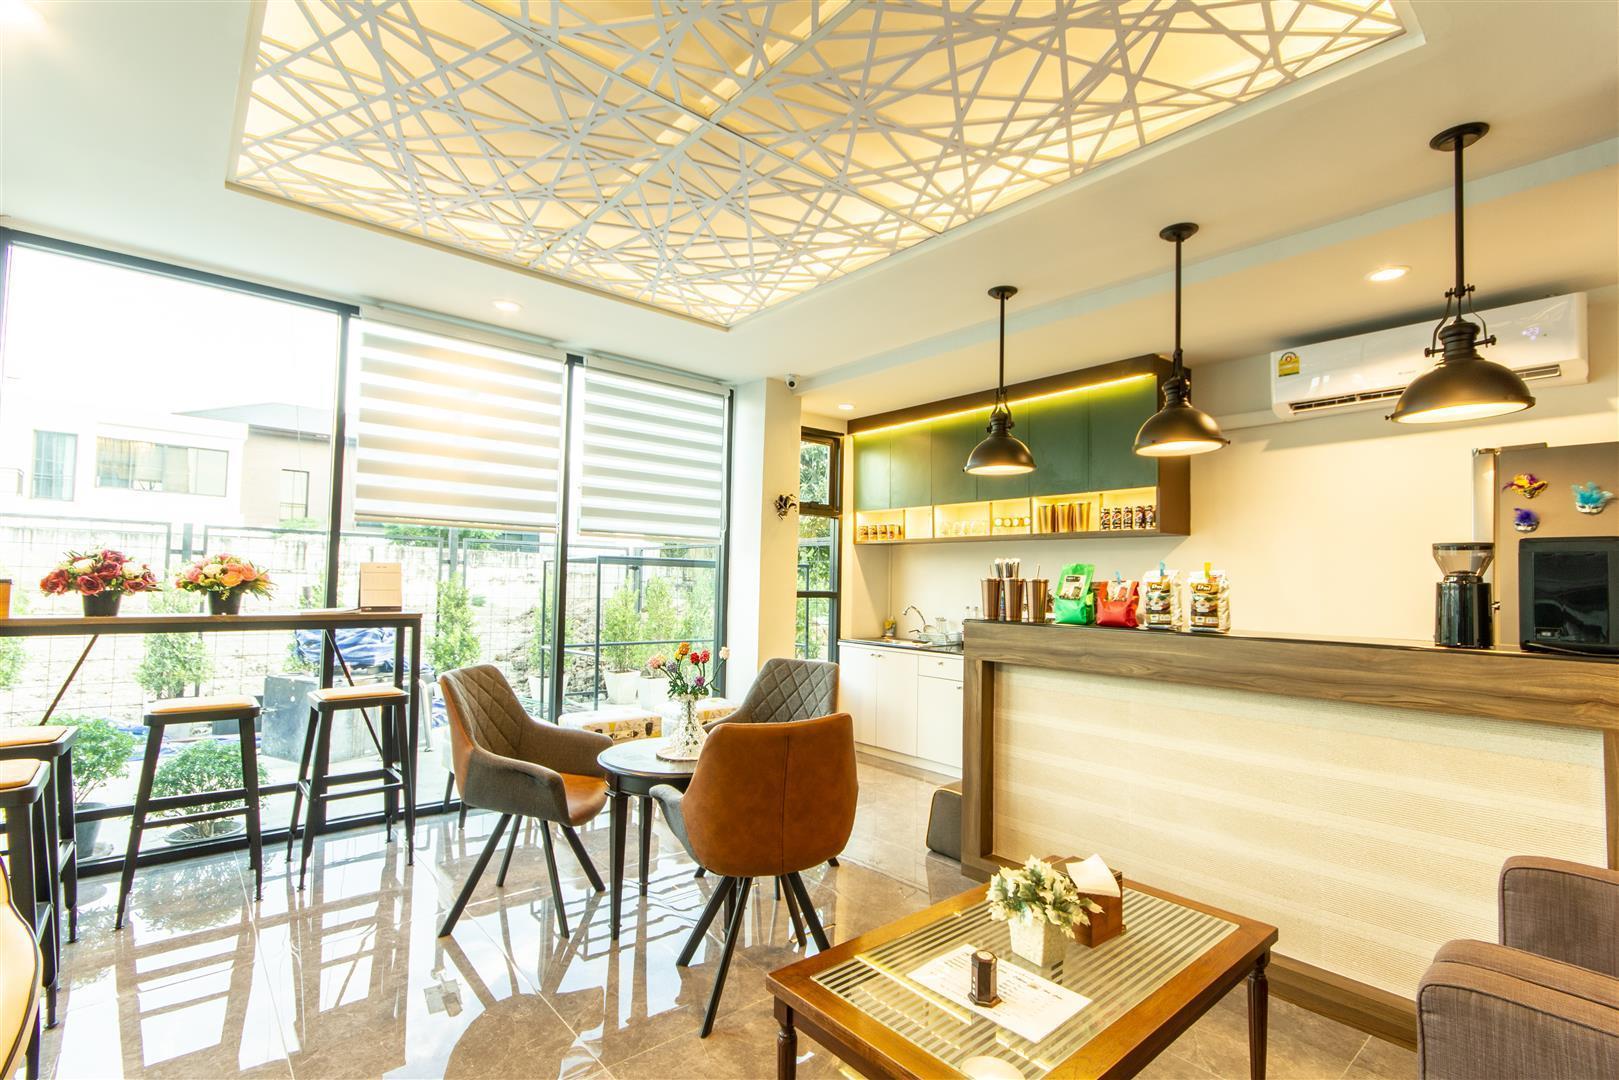 Plearnwan Deluxe Newroom WiFi Near Lat Phrao MRT